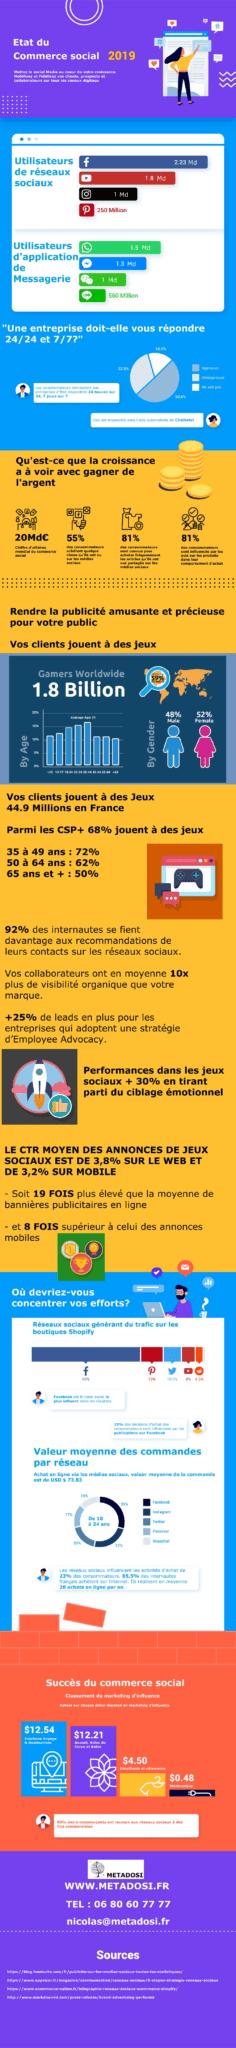 Infographie Les tendances marketing 2019 vont bouleverser les réseaux sociaux [Infographie]